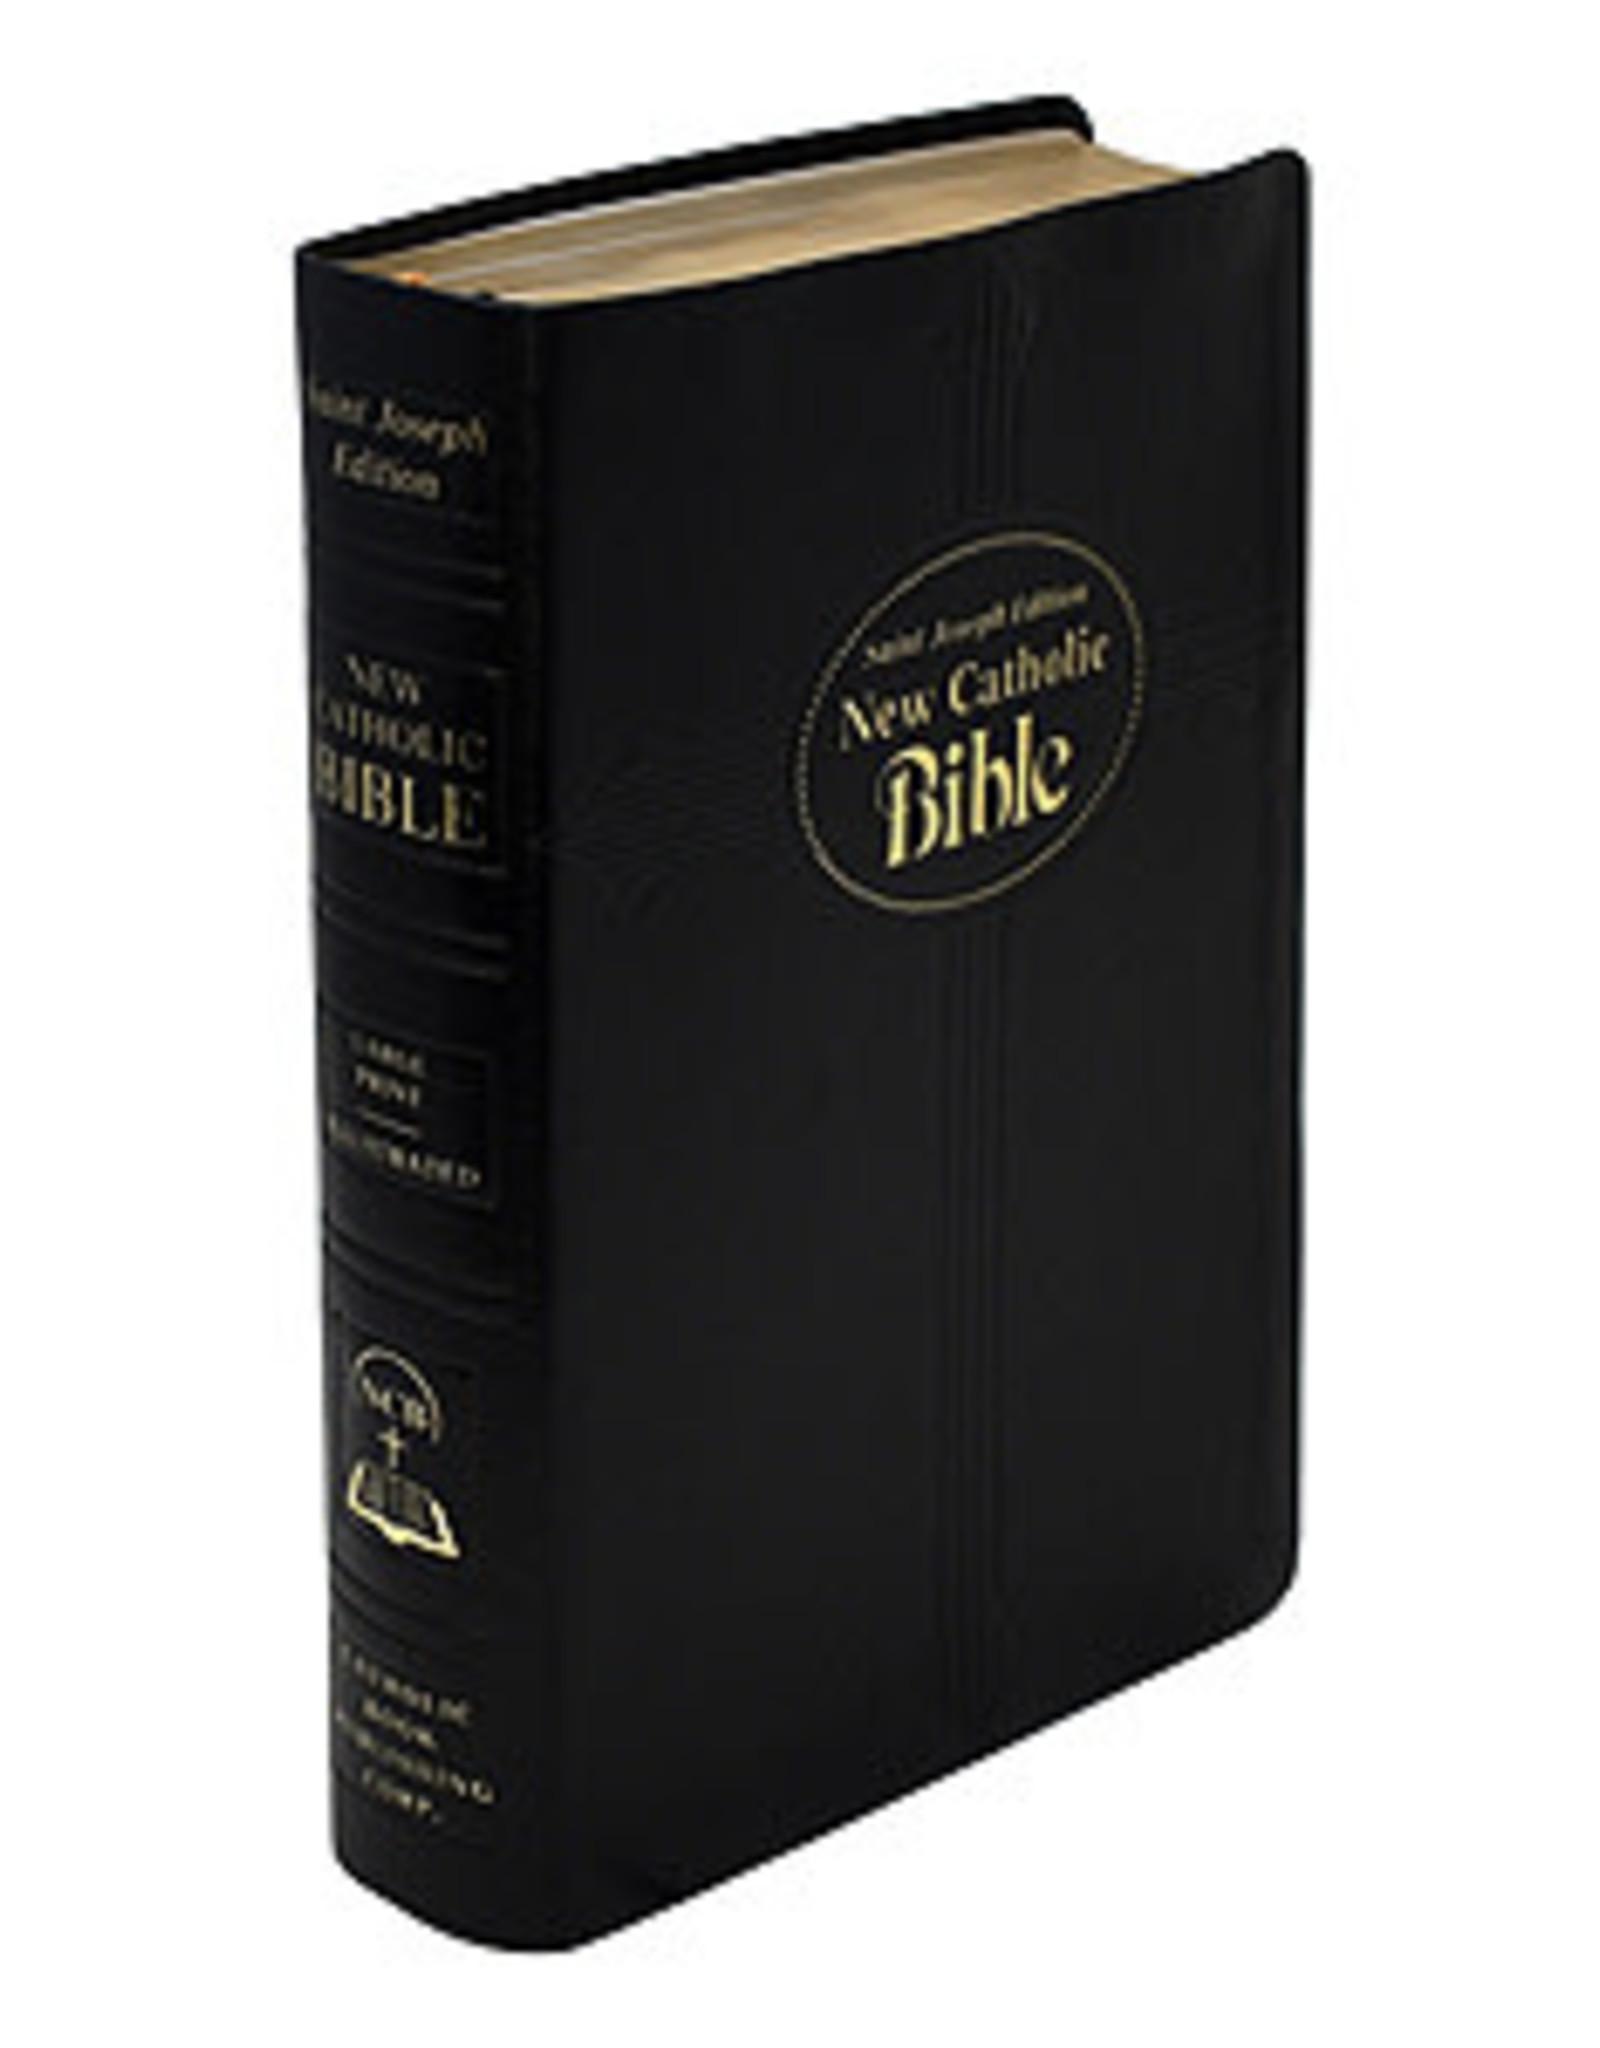 St. Joseph New Catholic Bible (Large Type)(Black Dura-lux Leather)